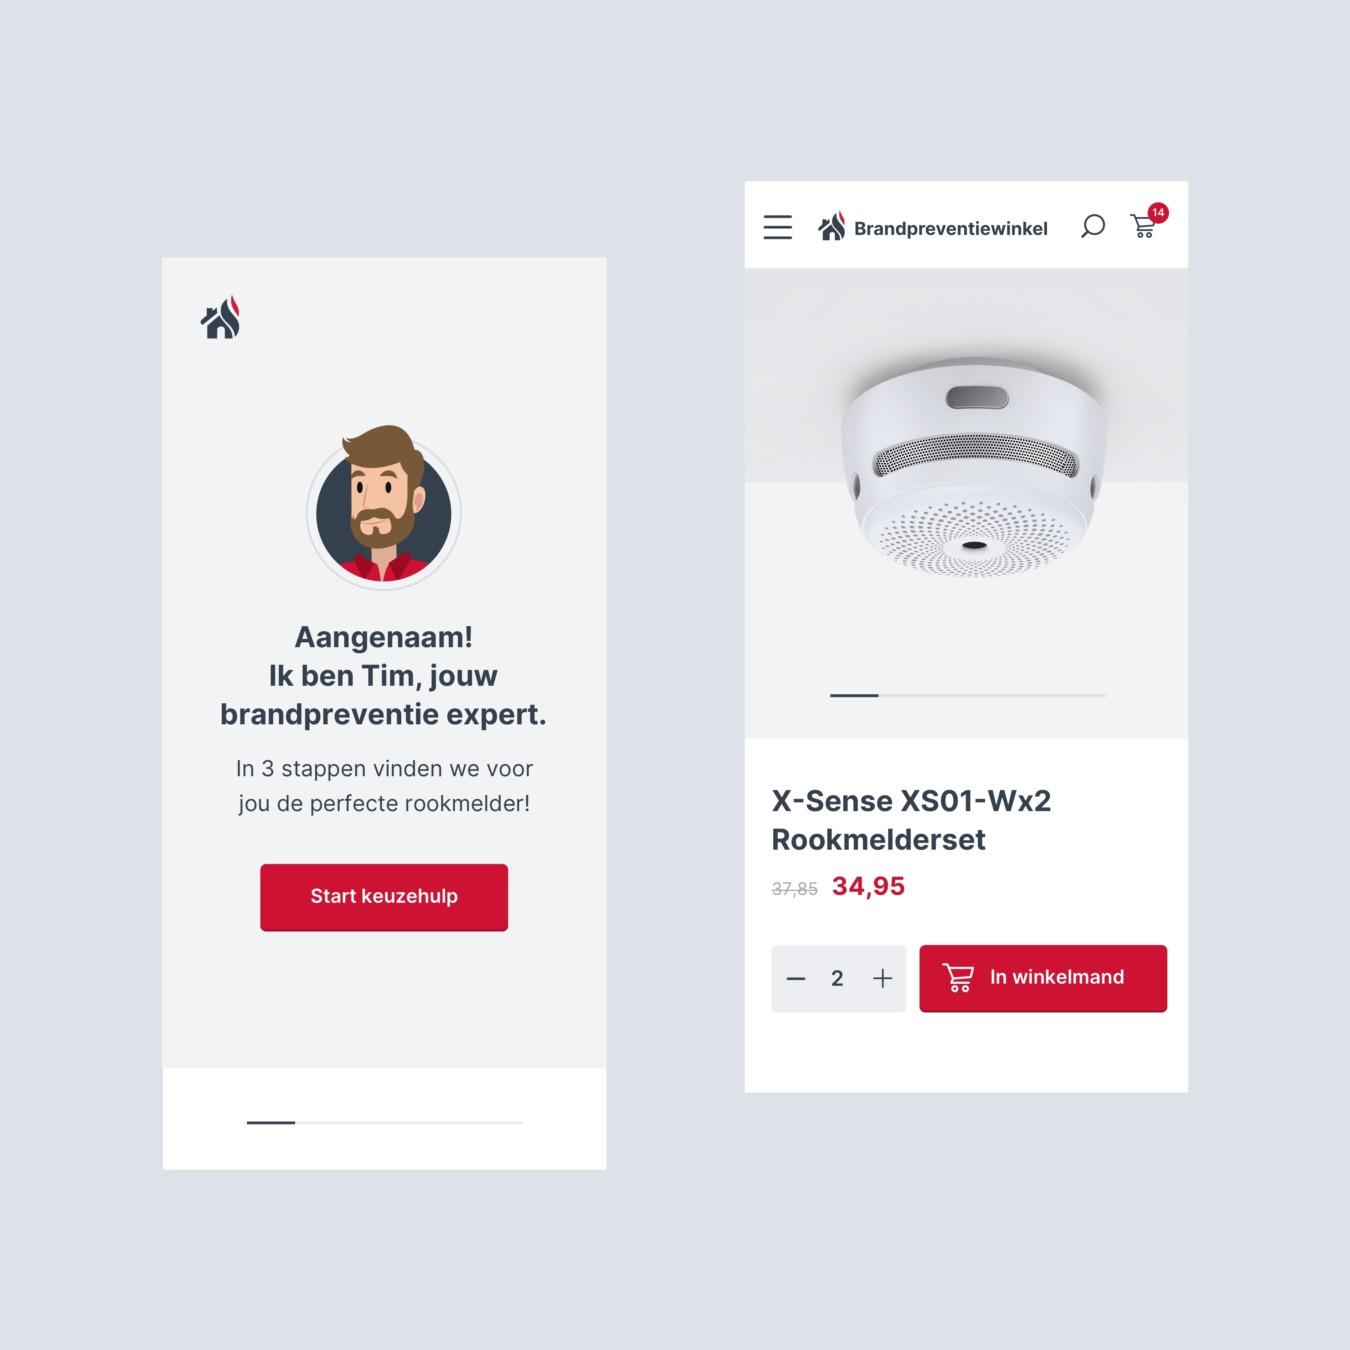 De volgende stap in e-commerce van Brandpreventiewinkel.nl